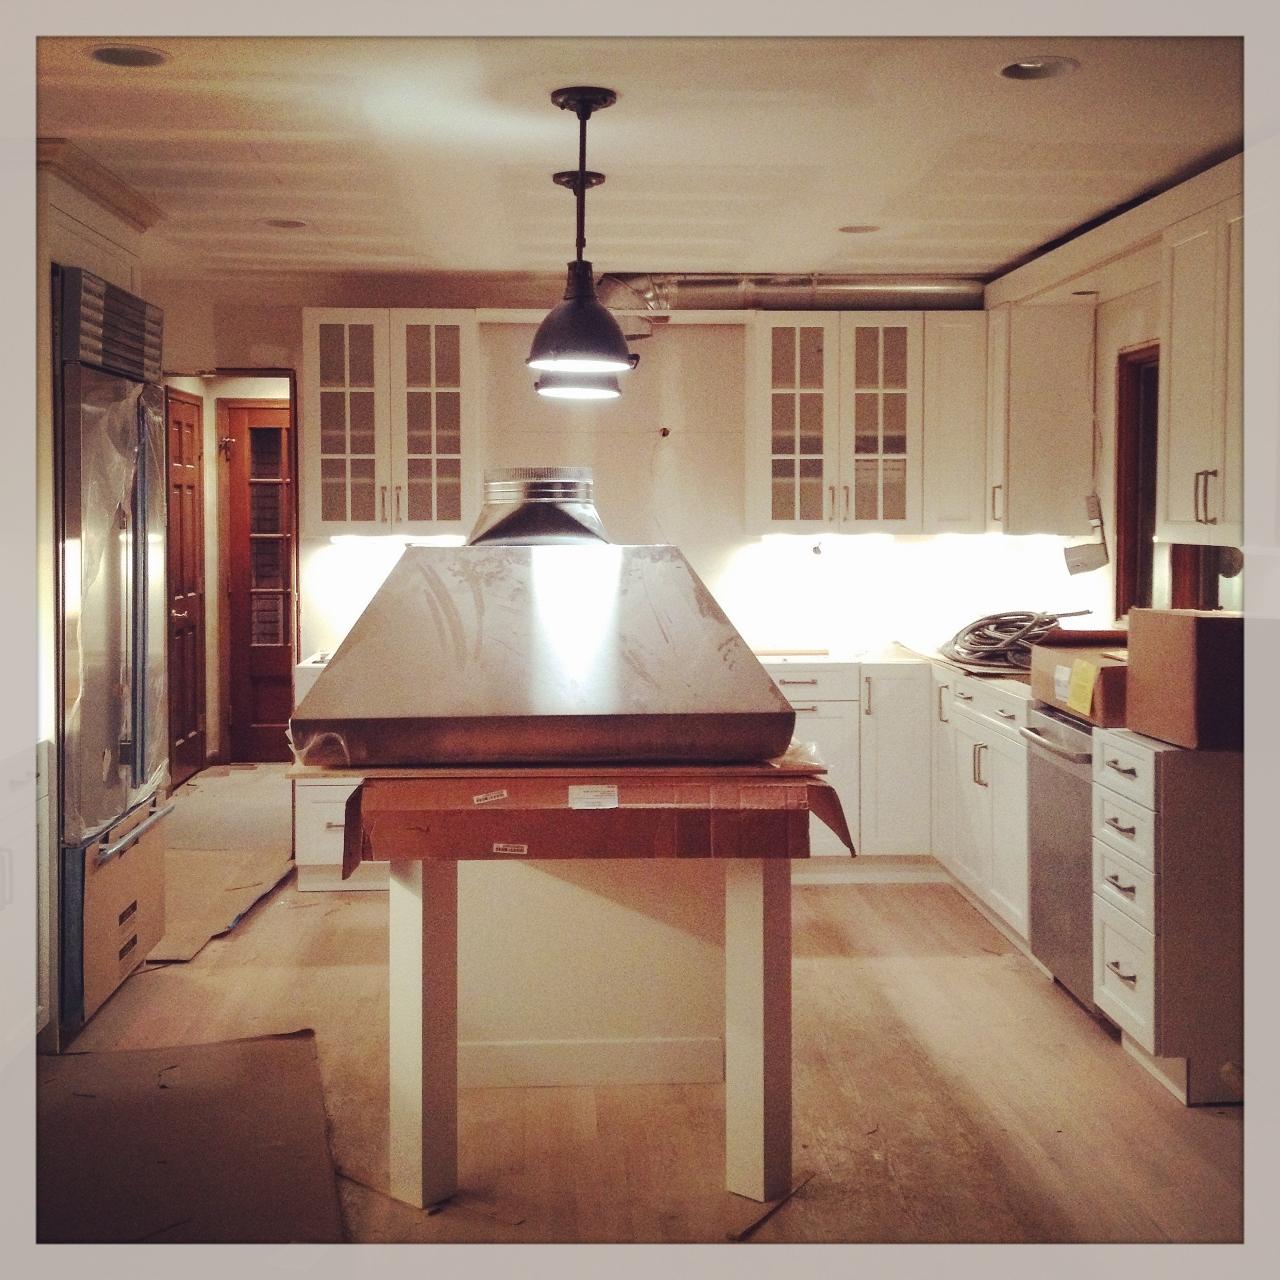 Week Five: Appliances, Cabinet